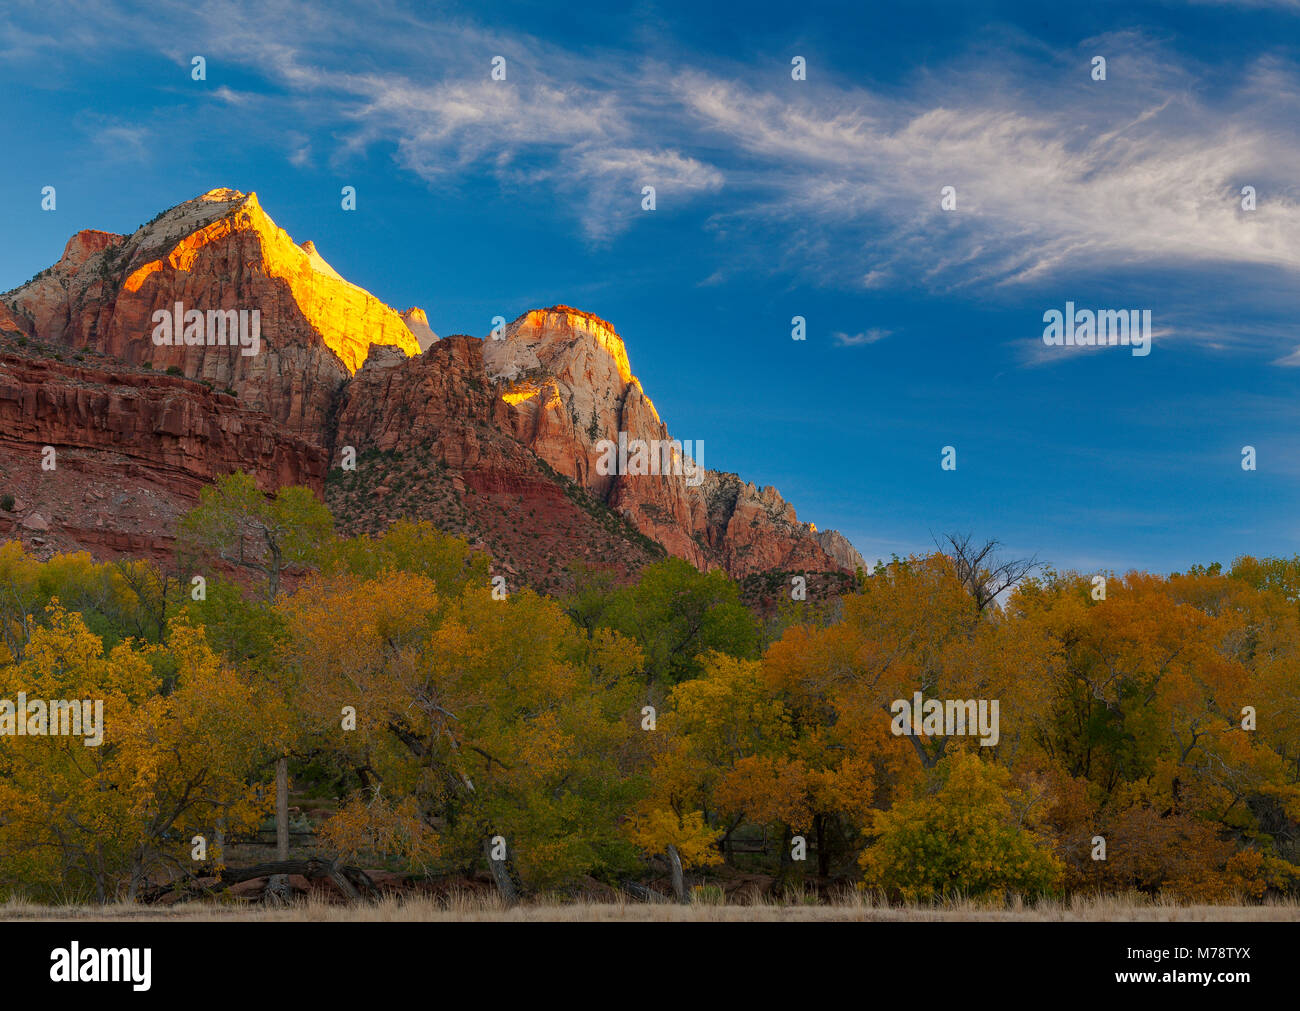 Sunrise, sentinella, Parco Nazionale Zion, Utah Immagini Stock